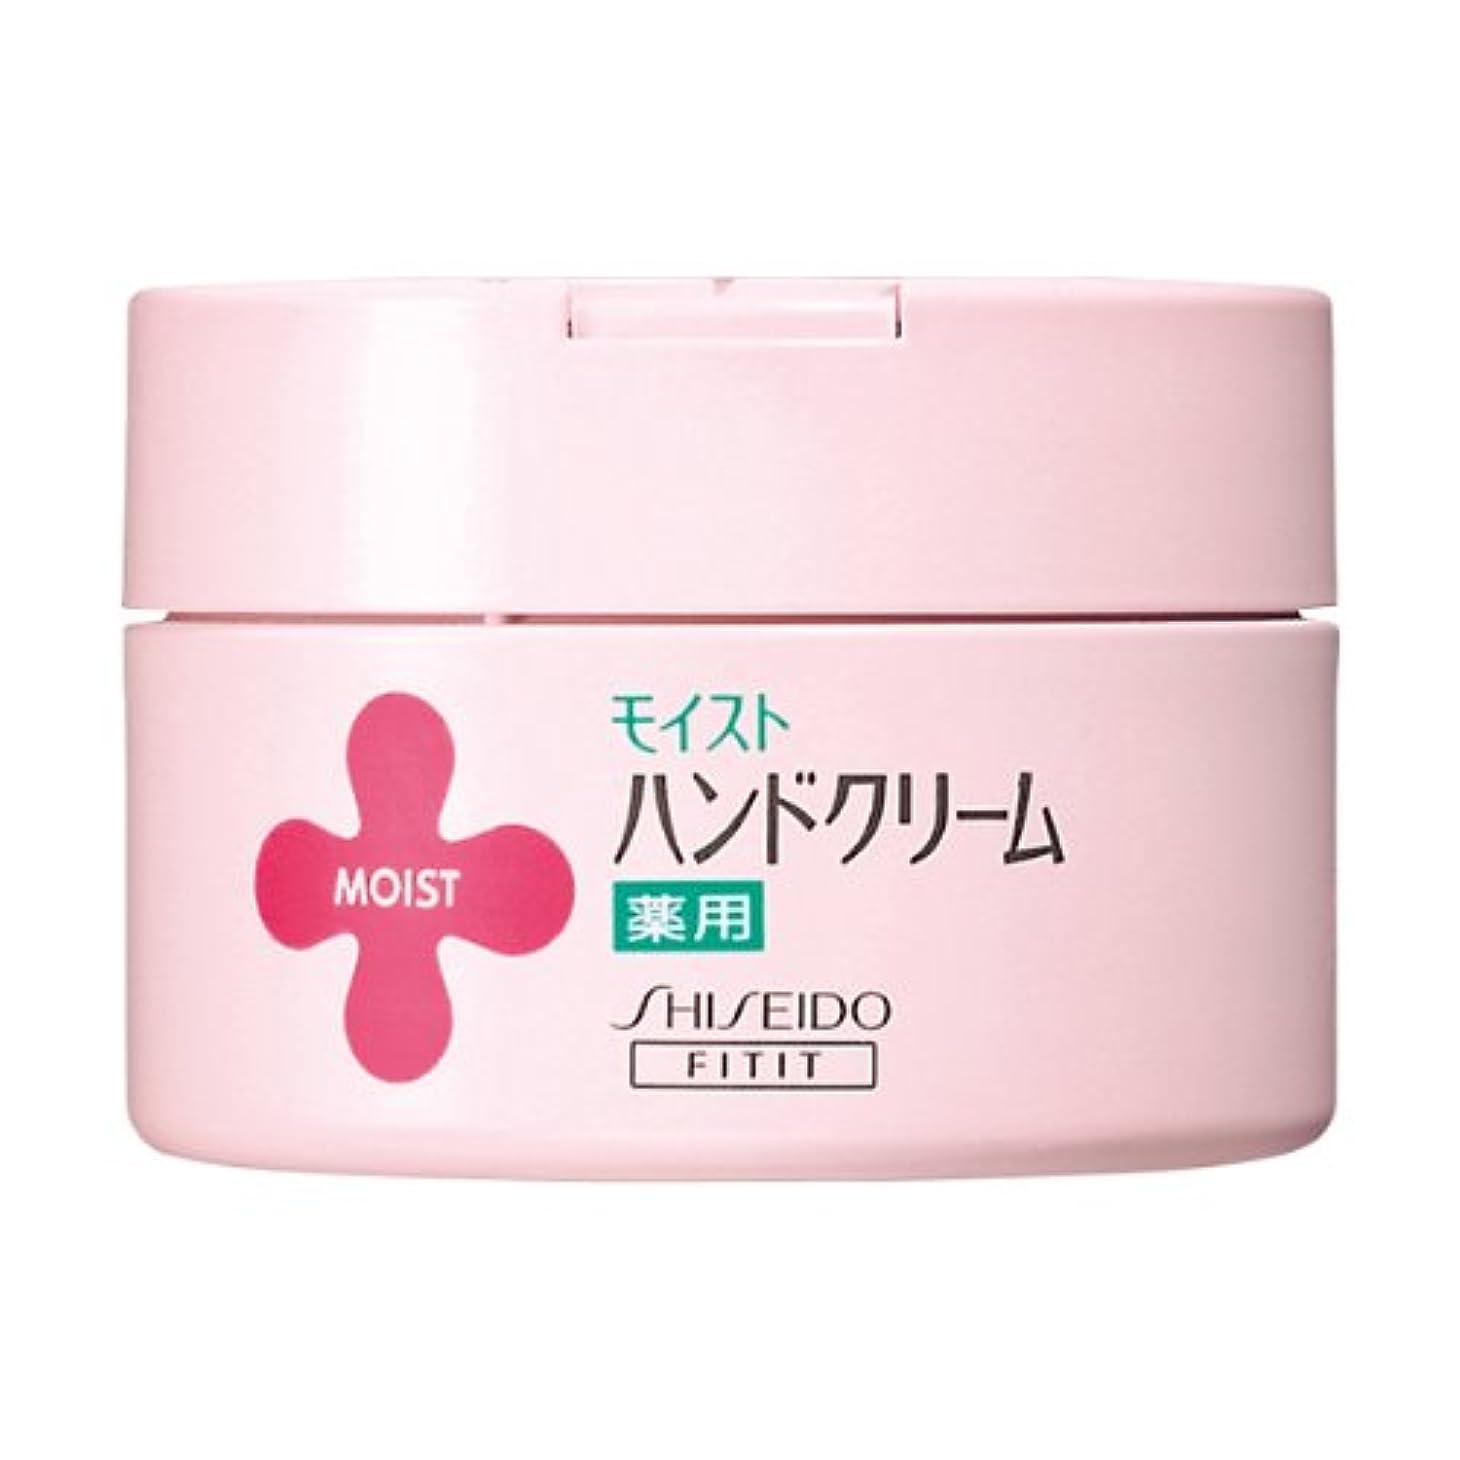 タック付属品焼くモイスト 薬用ハンドクリームUR L 120g 【医薬部外品】